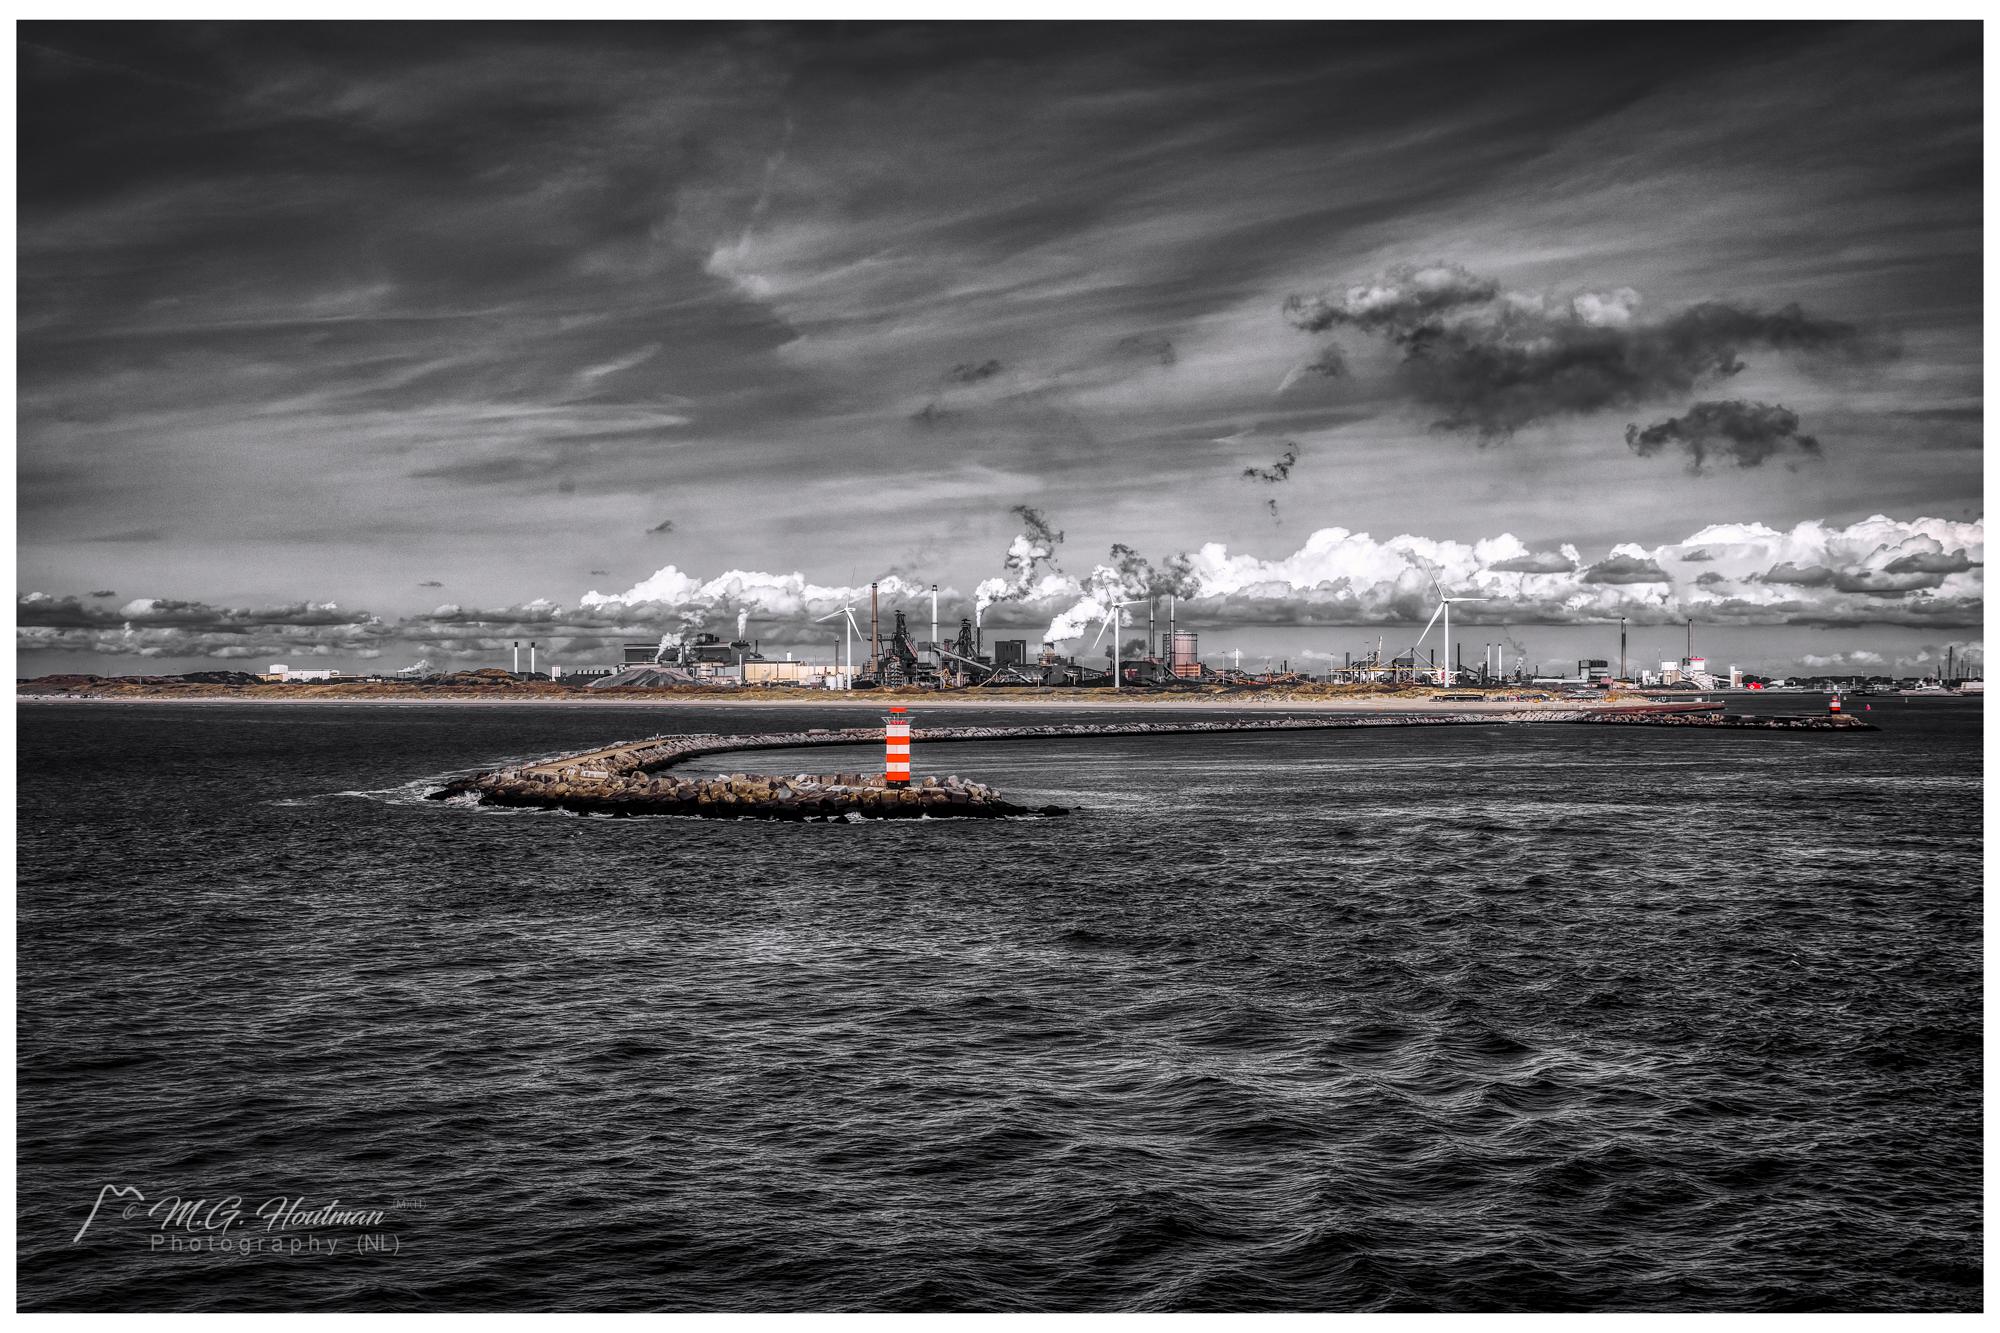 De Princess Seaways is een schip van de Deense rederij DFDS Seaways. Samen met de King Seaways is het een schip dat de route Newcastle upon Tyne naar IJmuiden vaart.